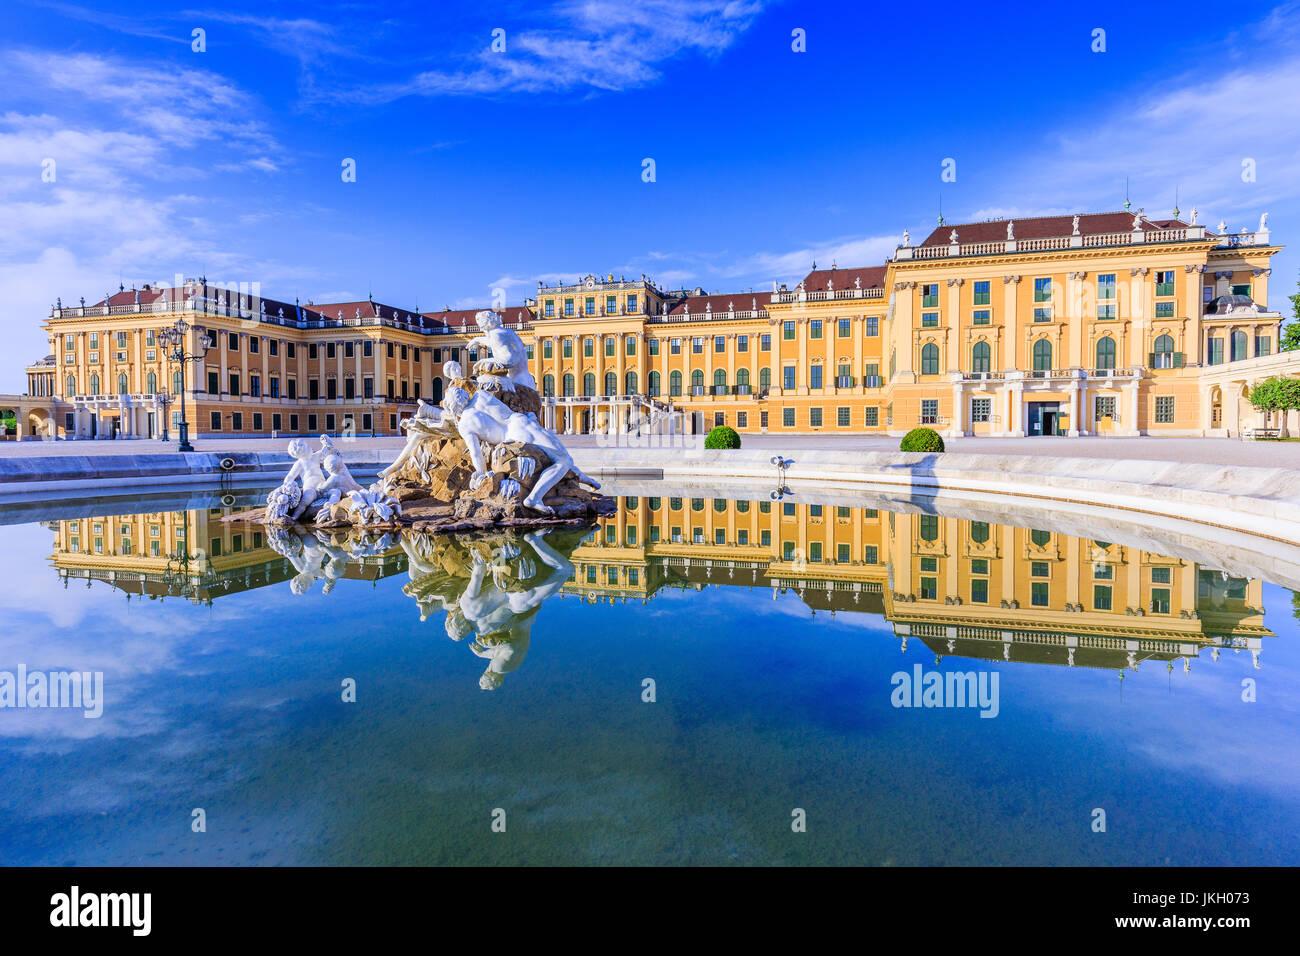 Vienne, Autriche - 28 juin 2016: Palais de Schonbrunn. L'ancienne résidence d'été impériale Photo Stock